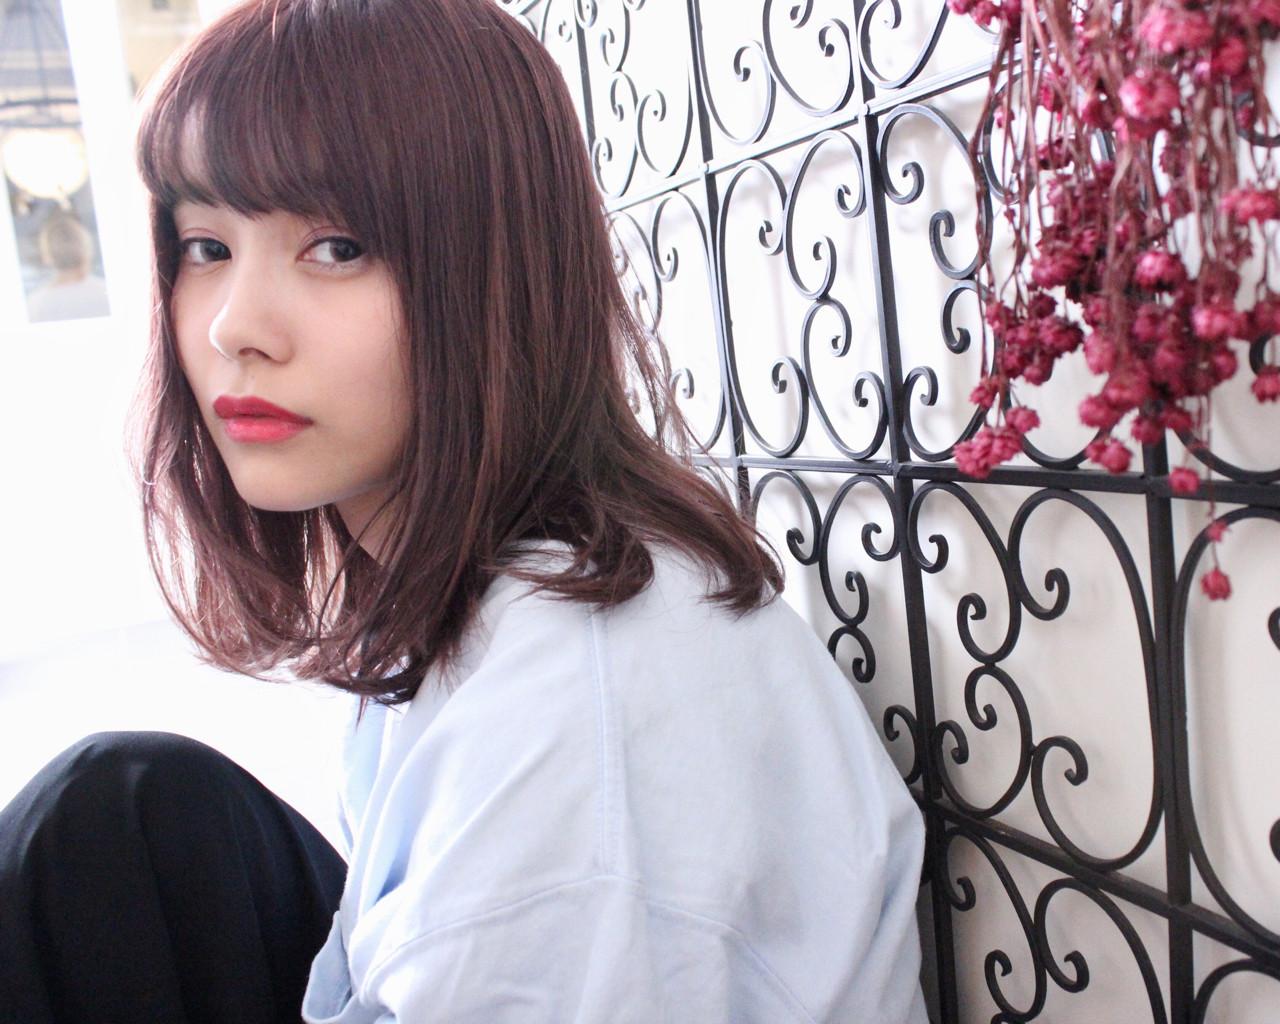 セミロング ベージュ ピンク ピンクアッシュ ヘアスタイルや髪型の写真・画像